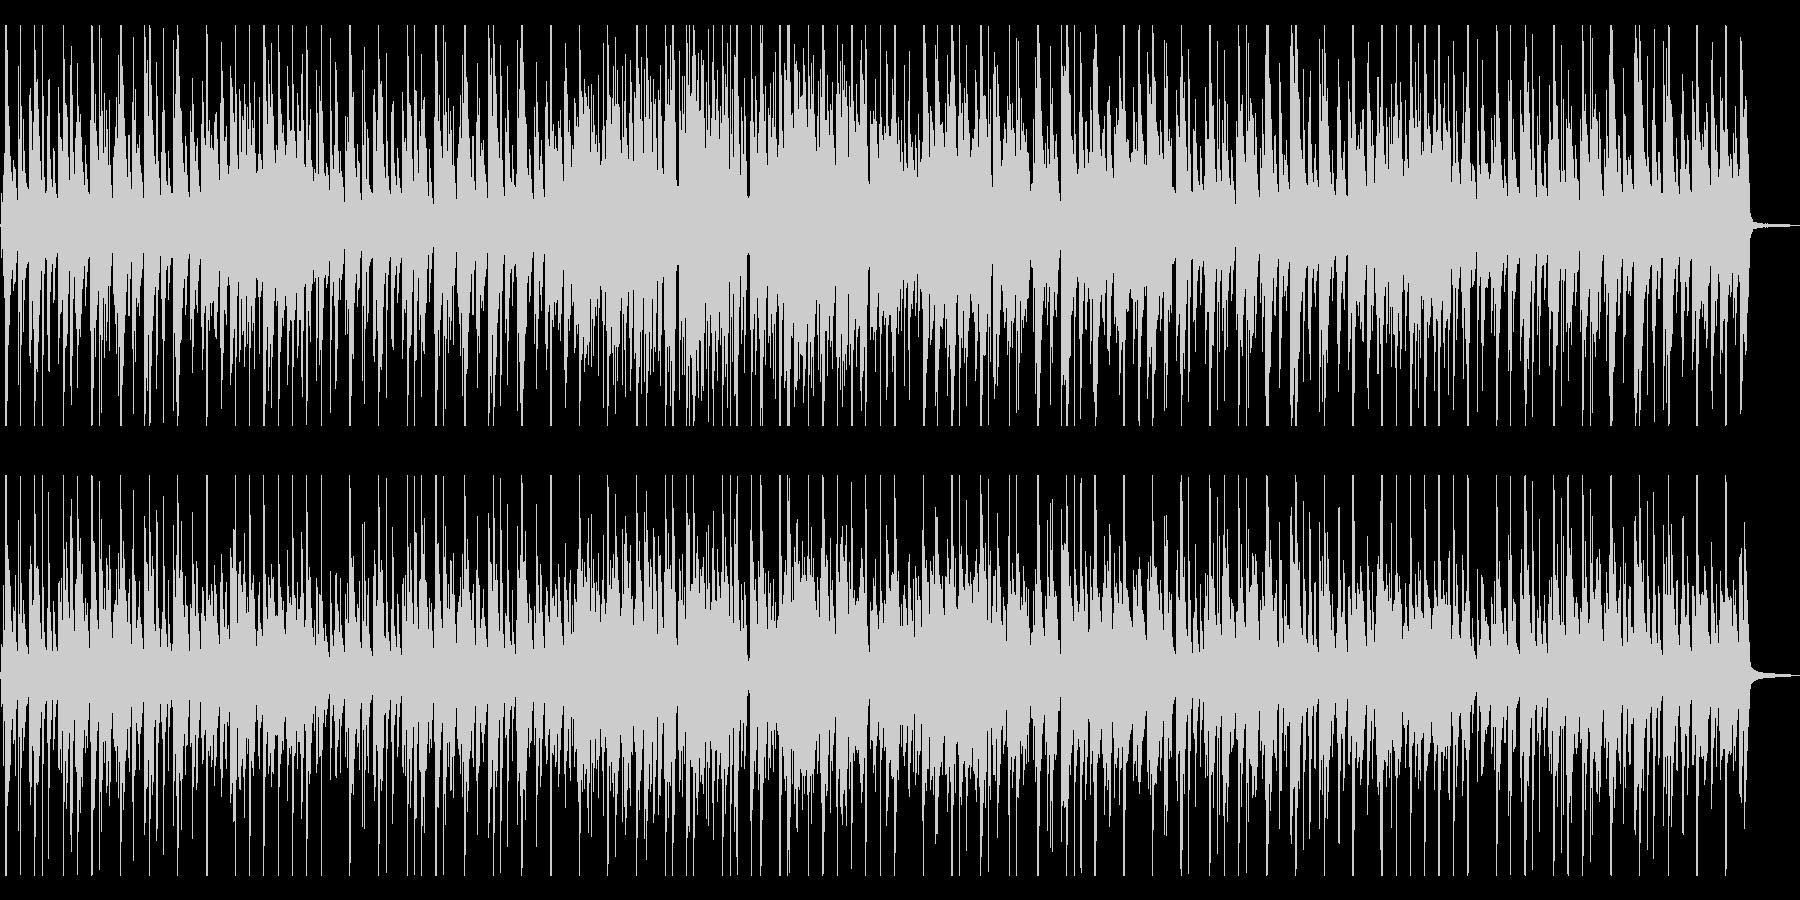 一味違う、「ホンモノ」のピアノジャズ。の未再生の波形